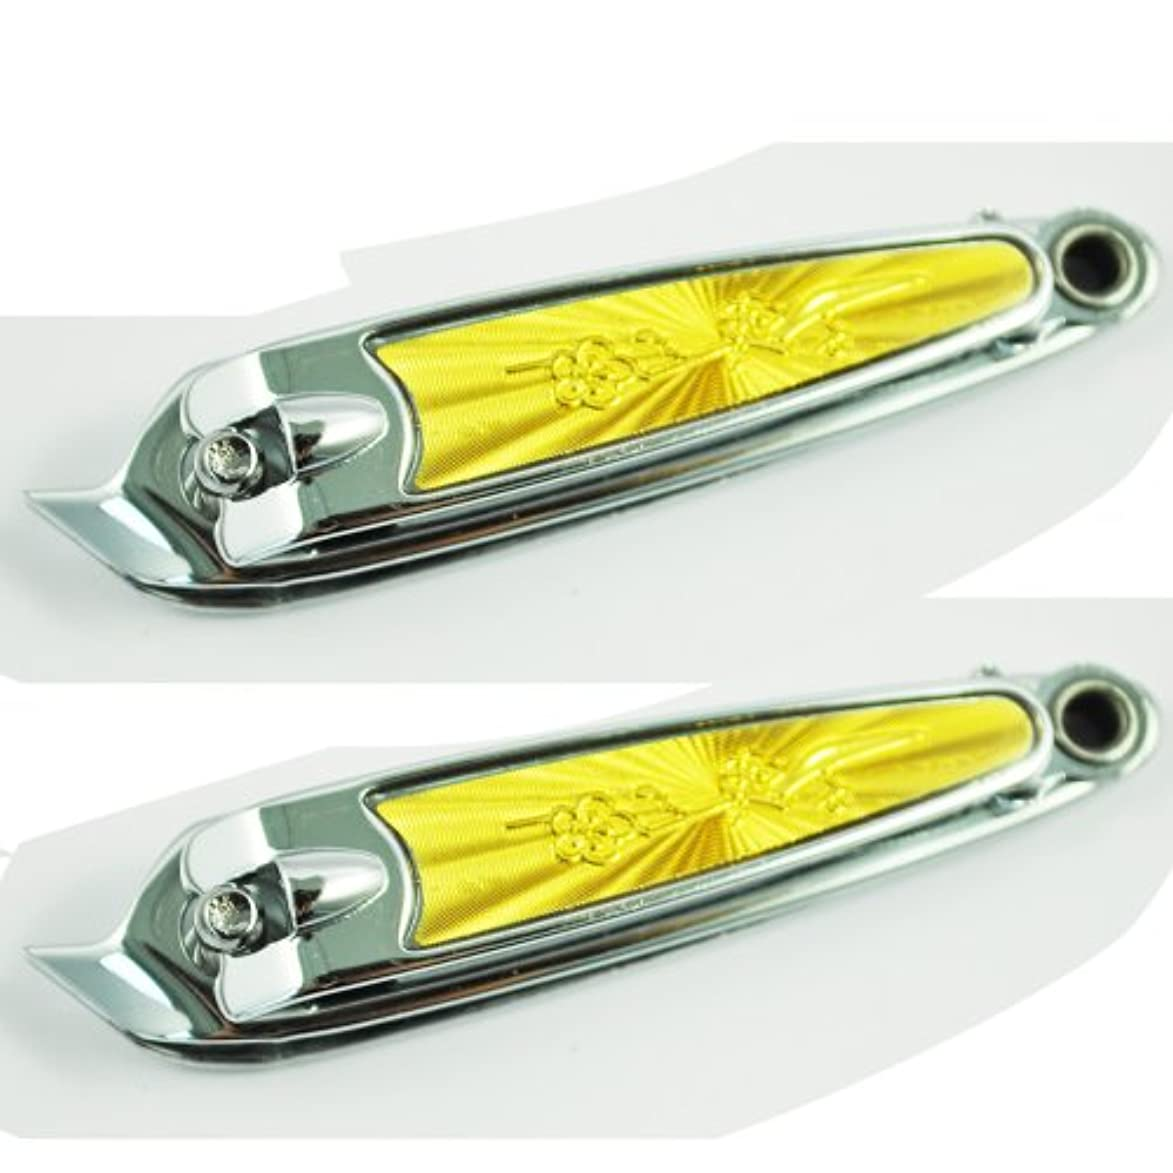 ゆり株式救援ツメ切り,SODIAL(R) 斜め口デザインフィンガーネイルクリッパーカッターx2